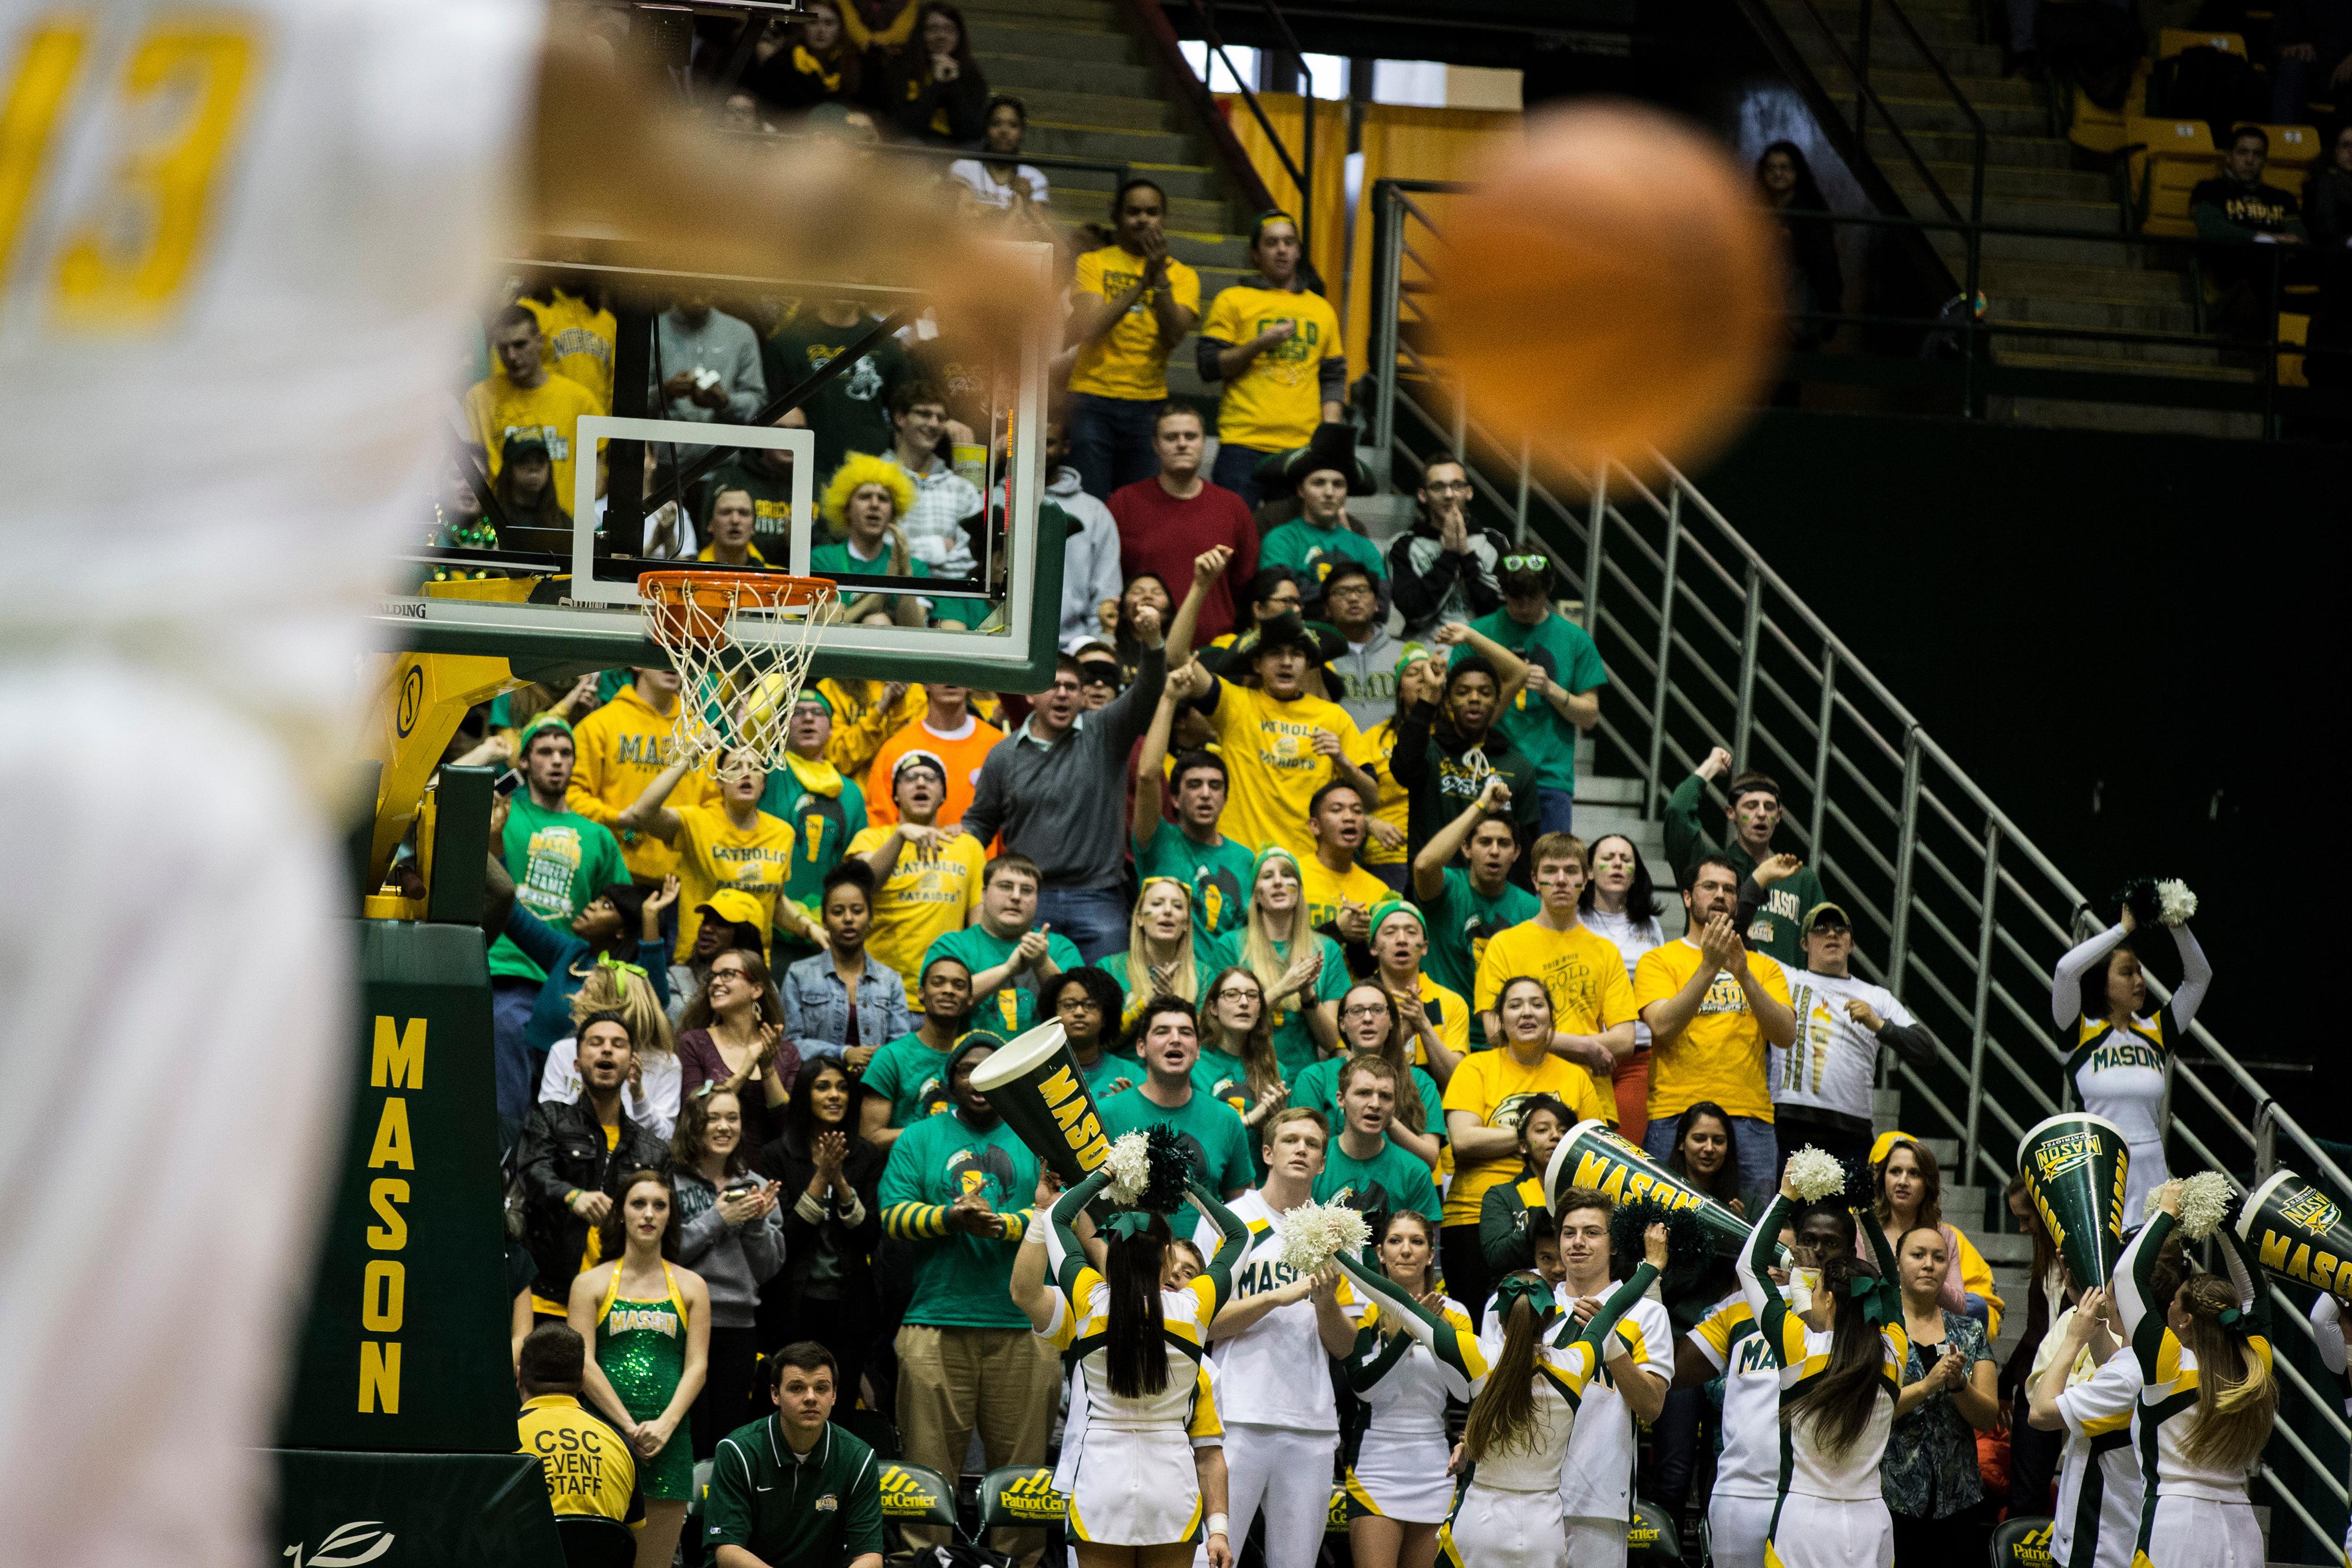 Mason students at basketball game_NCAA Division I sports